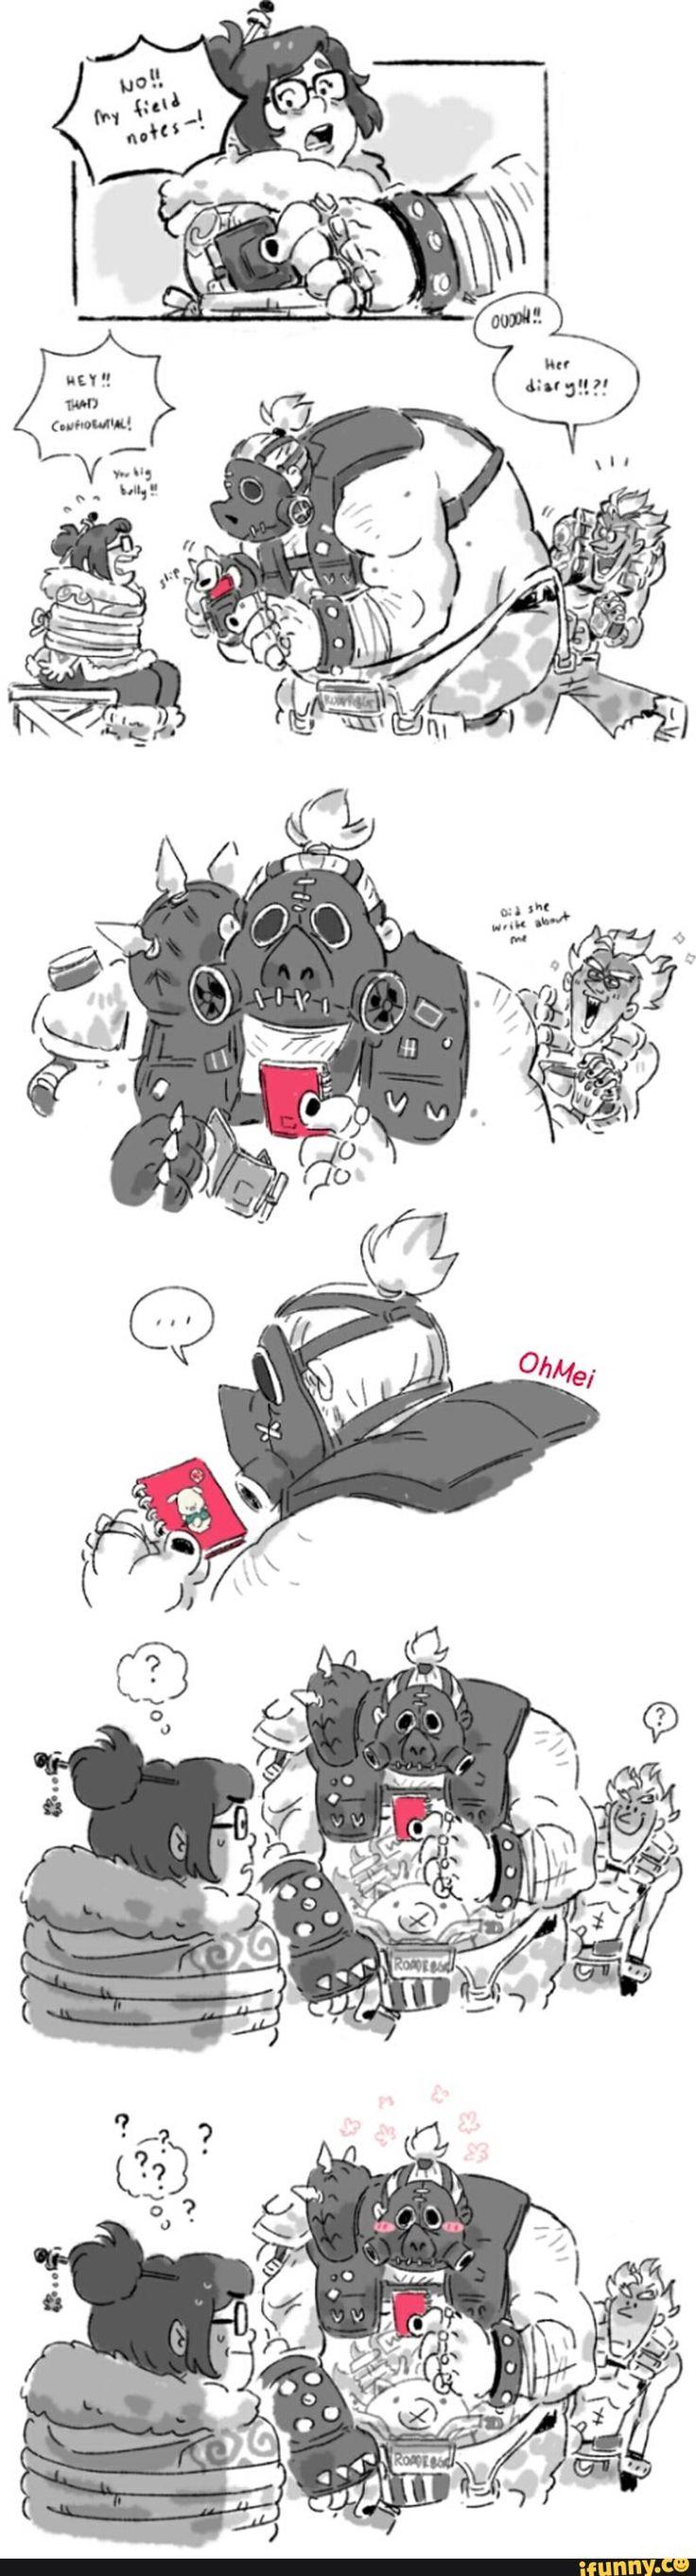 overwatch, mei, junkrat, roadhog, comic